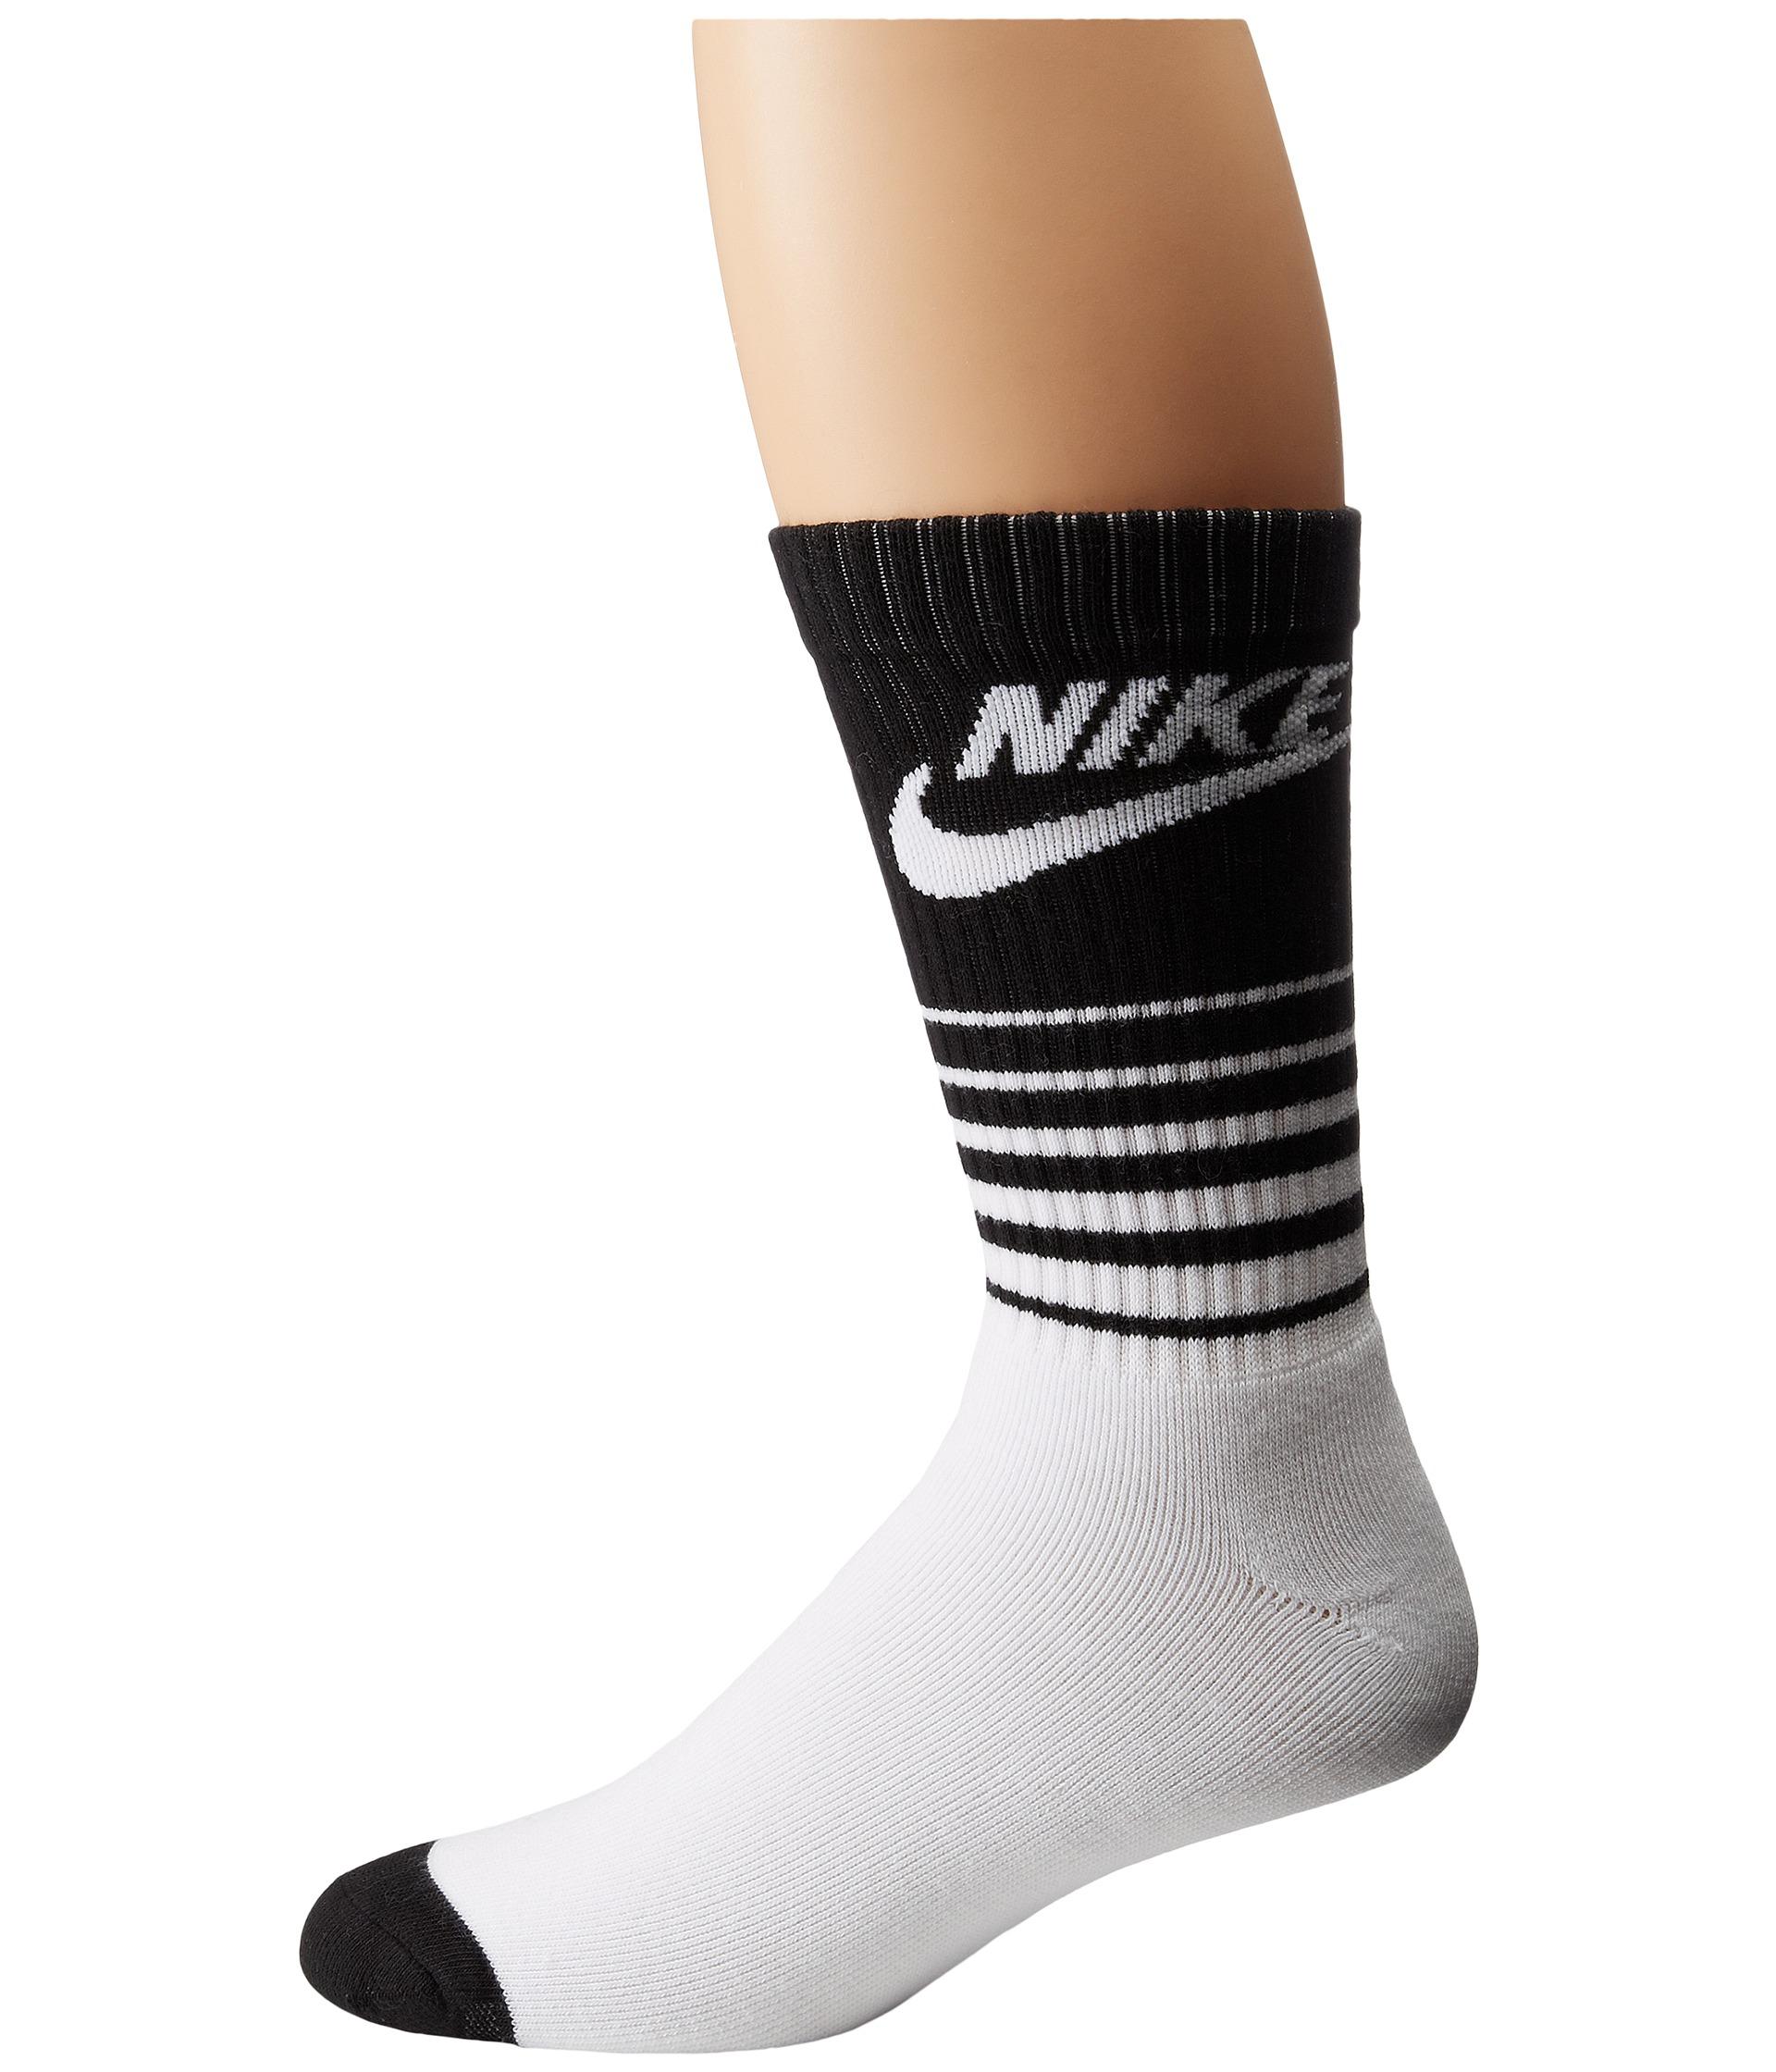 6pm black dress socks